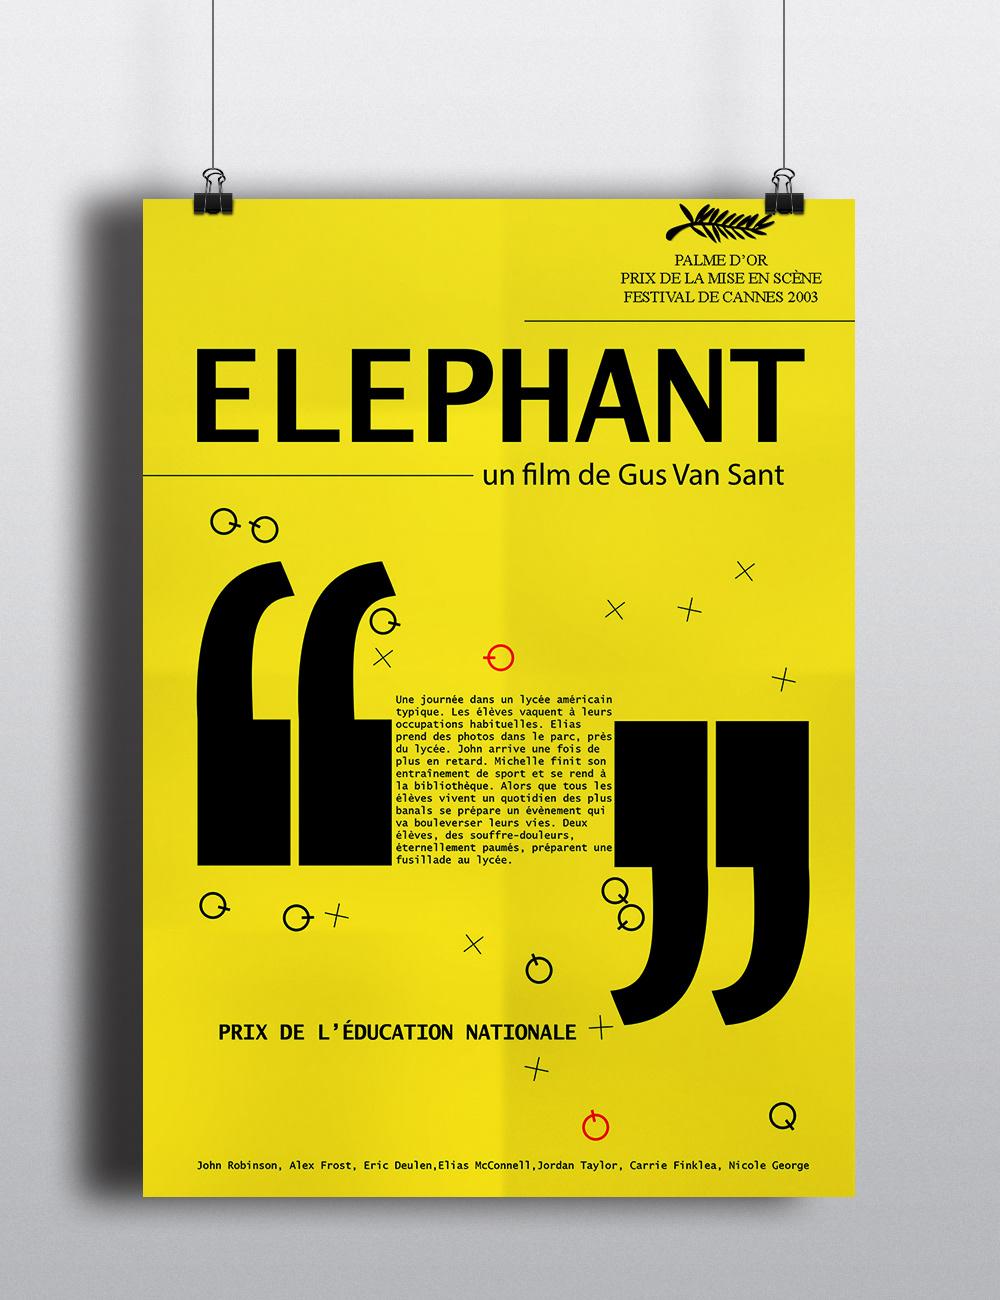 analysis of elephant by gus van sant